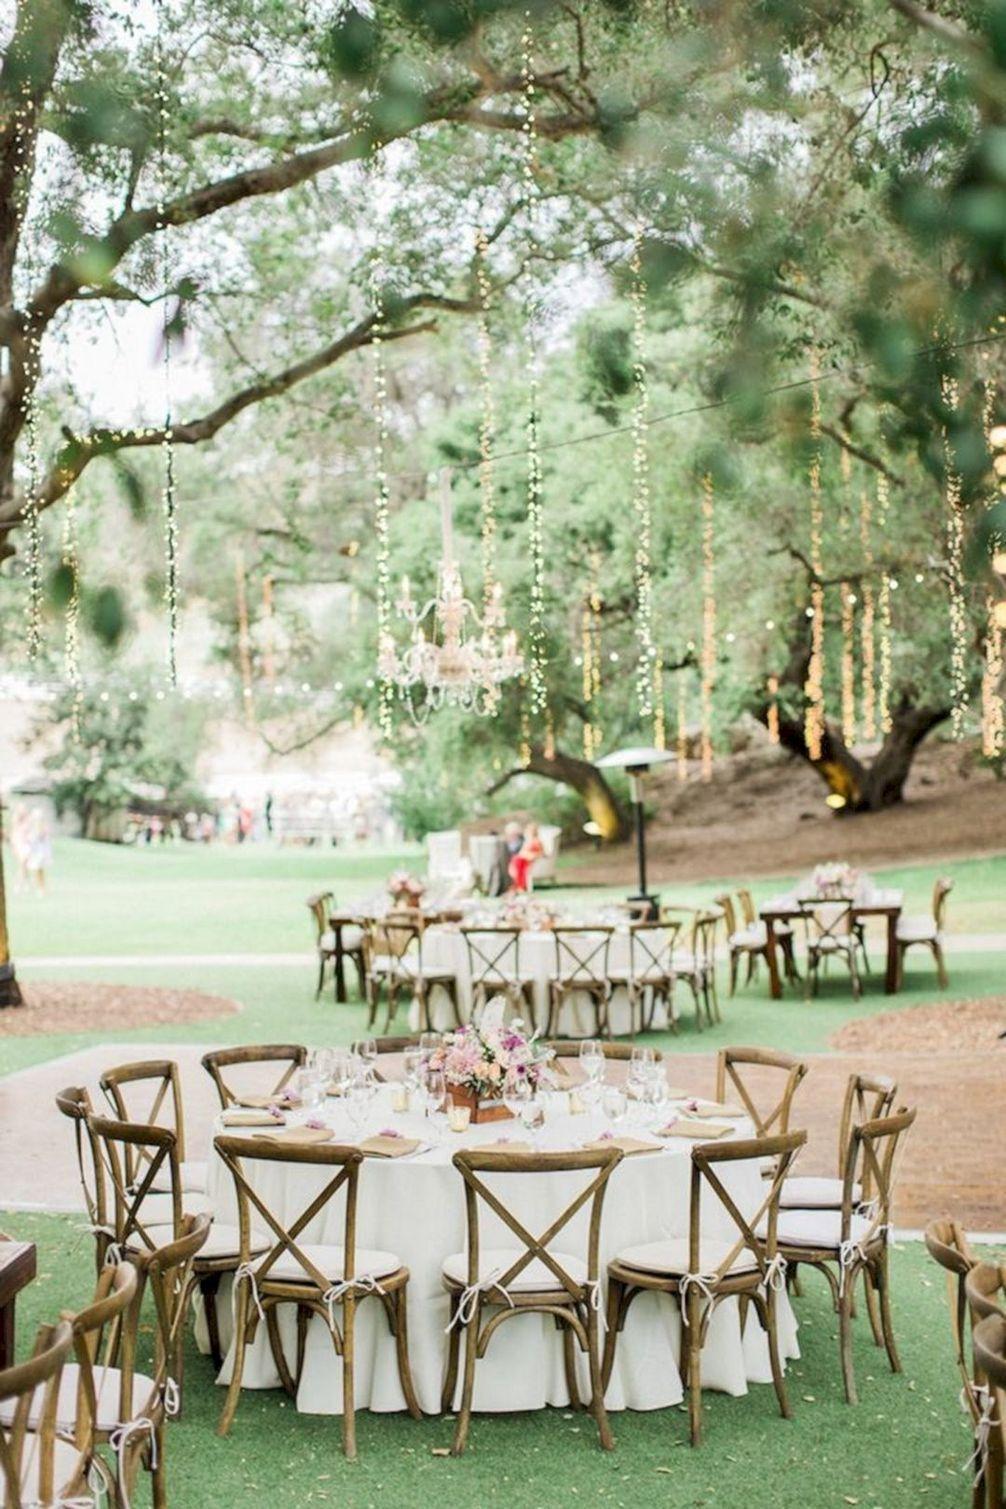 Una boda de ensueño al aire libre con detalles rústico-chic